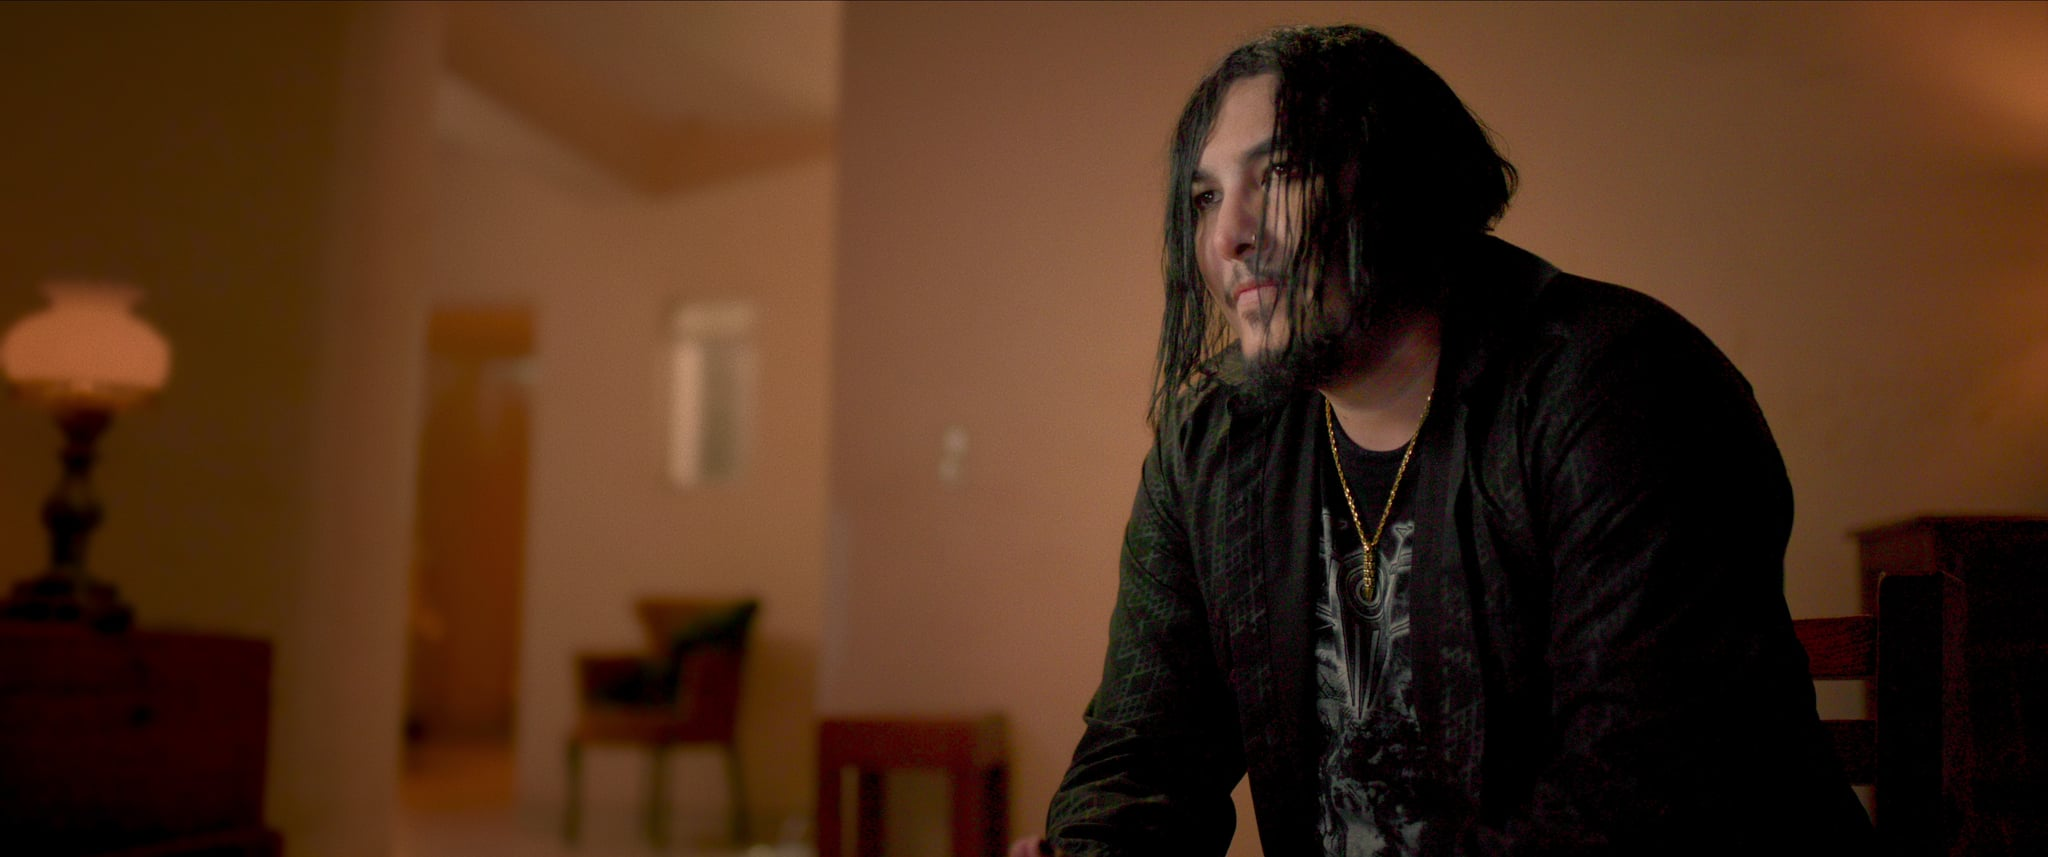 پابلو ورگارا (نوازنده و بازیگر) در قسمت 4 سریال جنایت: ناپدید شدن در هتل سیسیل.  ج  با مجوز از Netflix © 2021